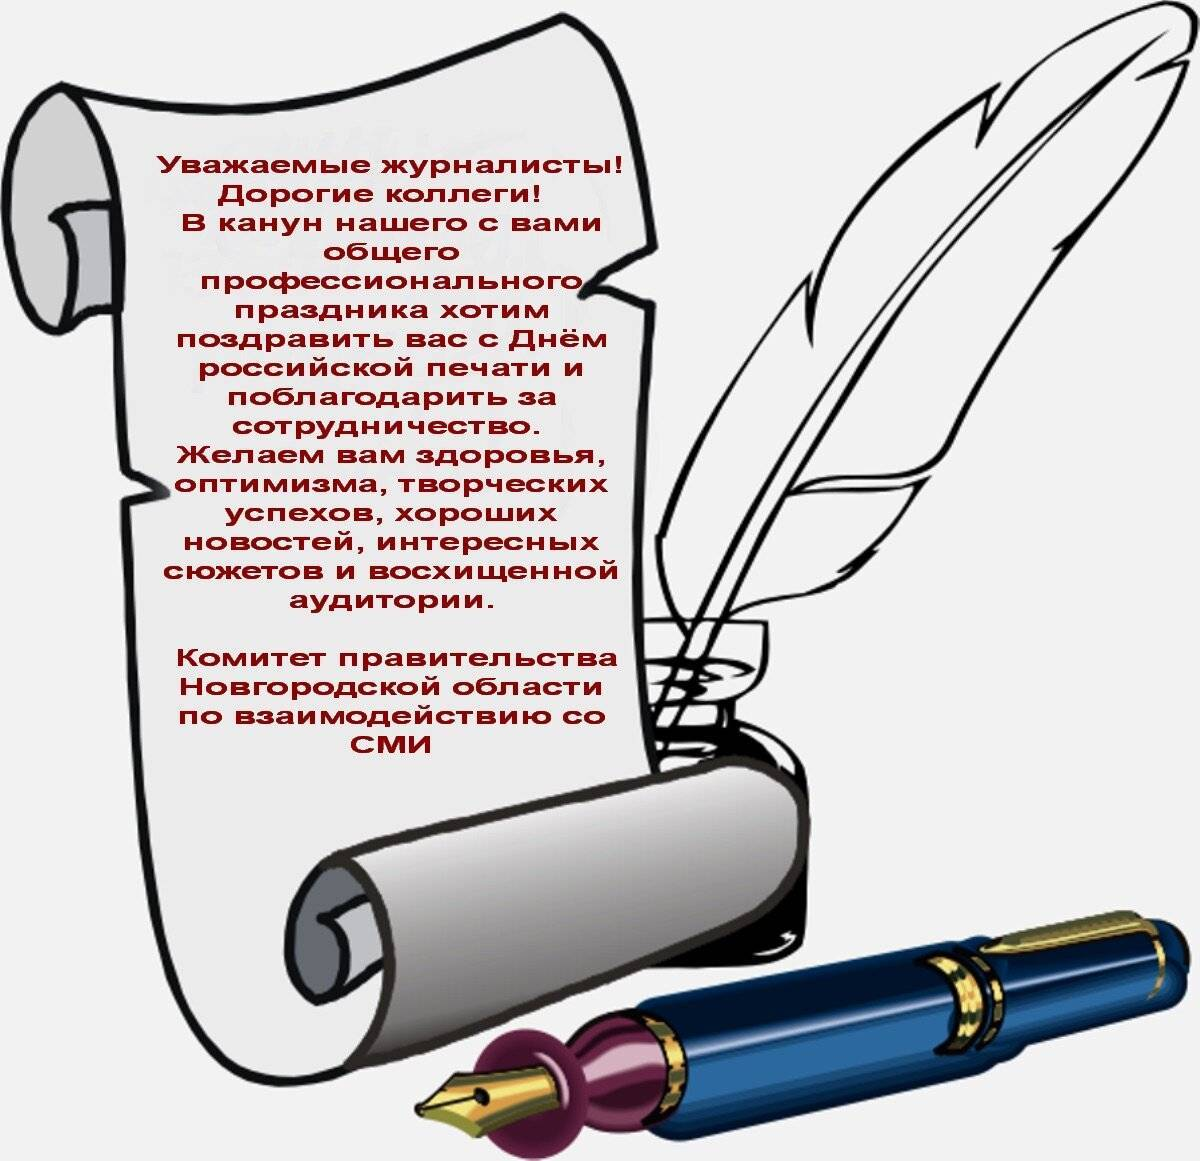 День печати поздравление официальное